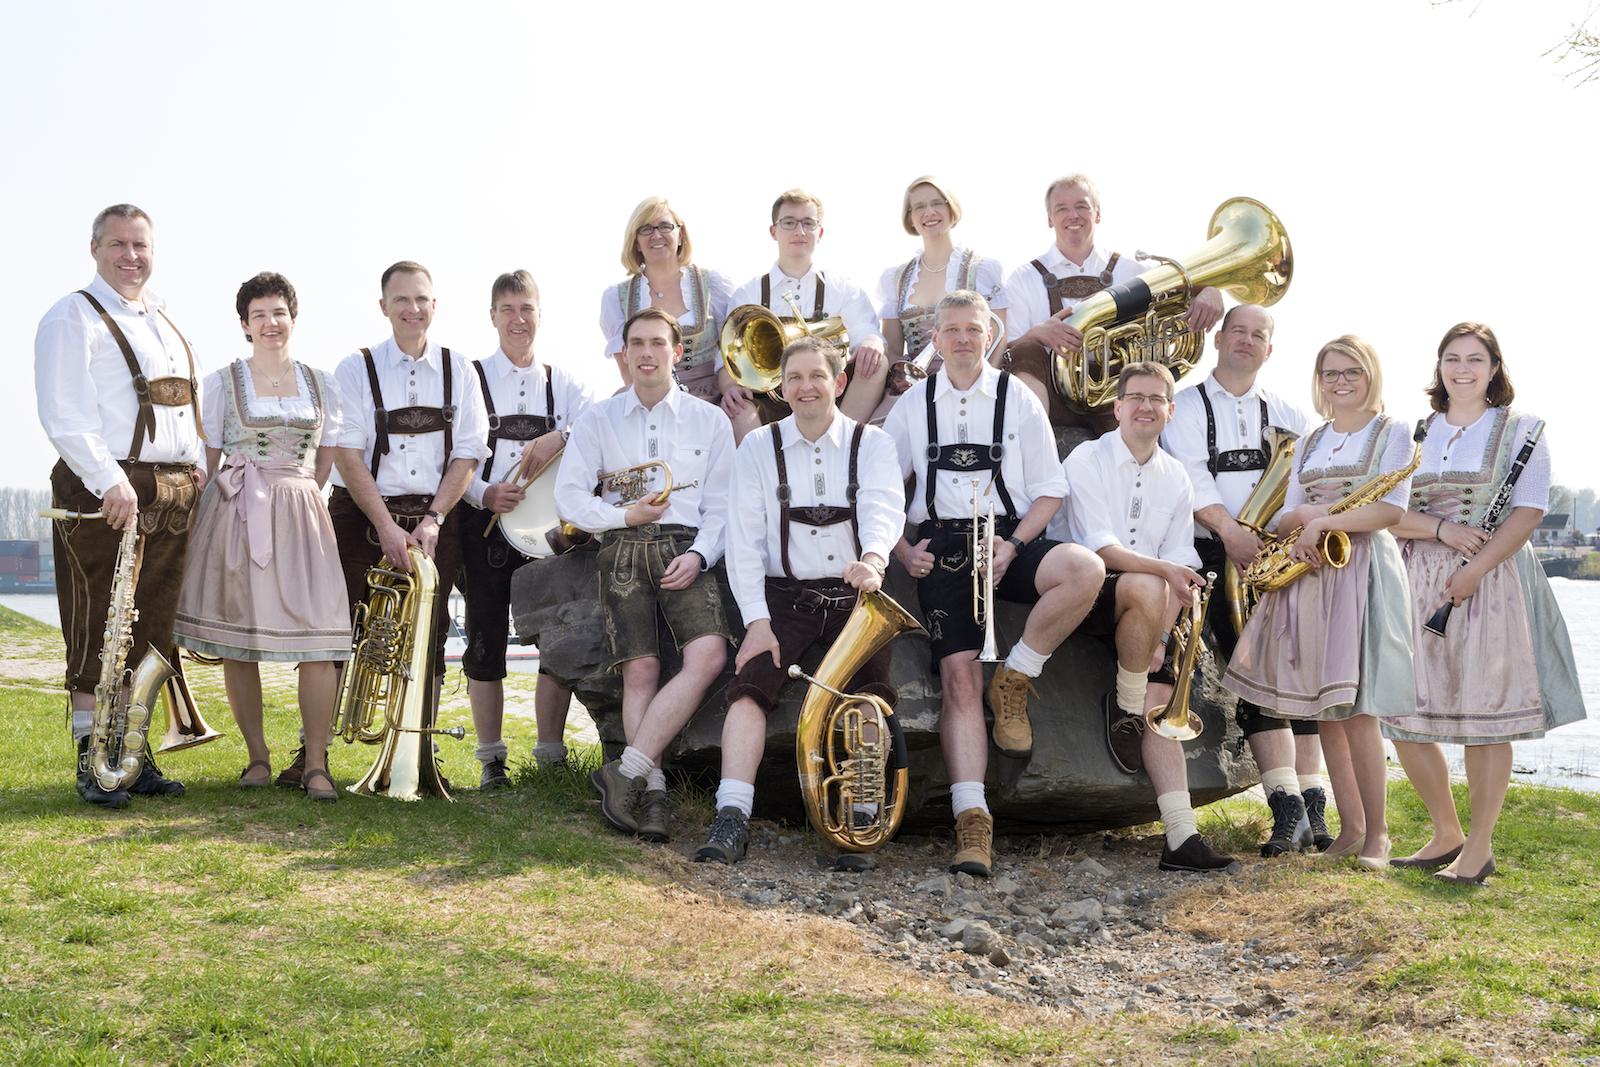 niederrhein-musikanten_010.jpg